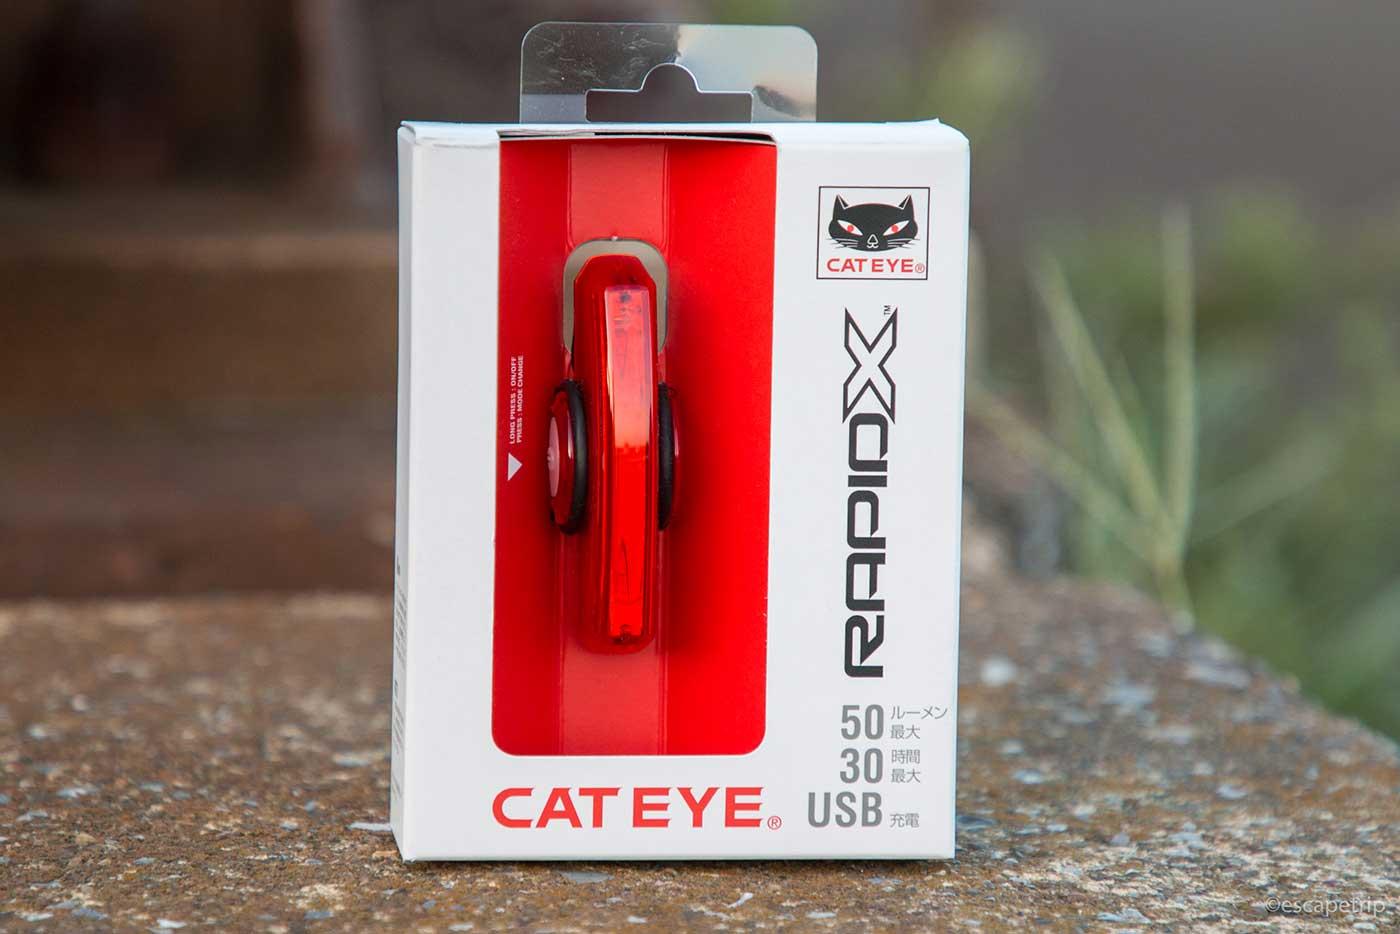 キャットアイ「RAPID X 」の箱